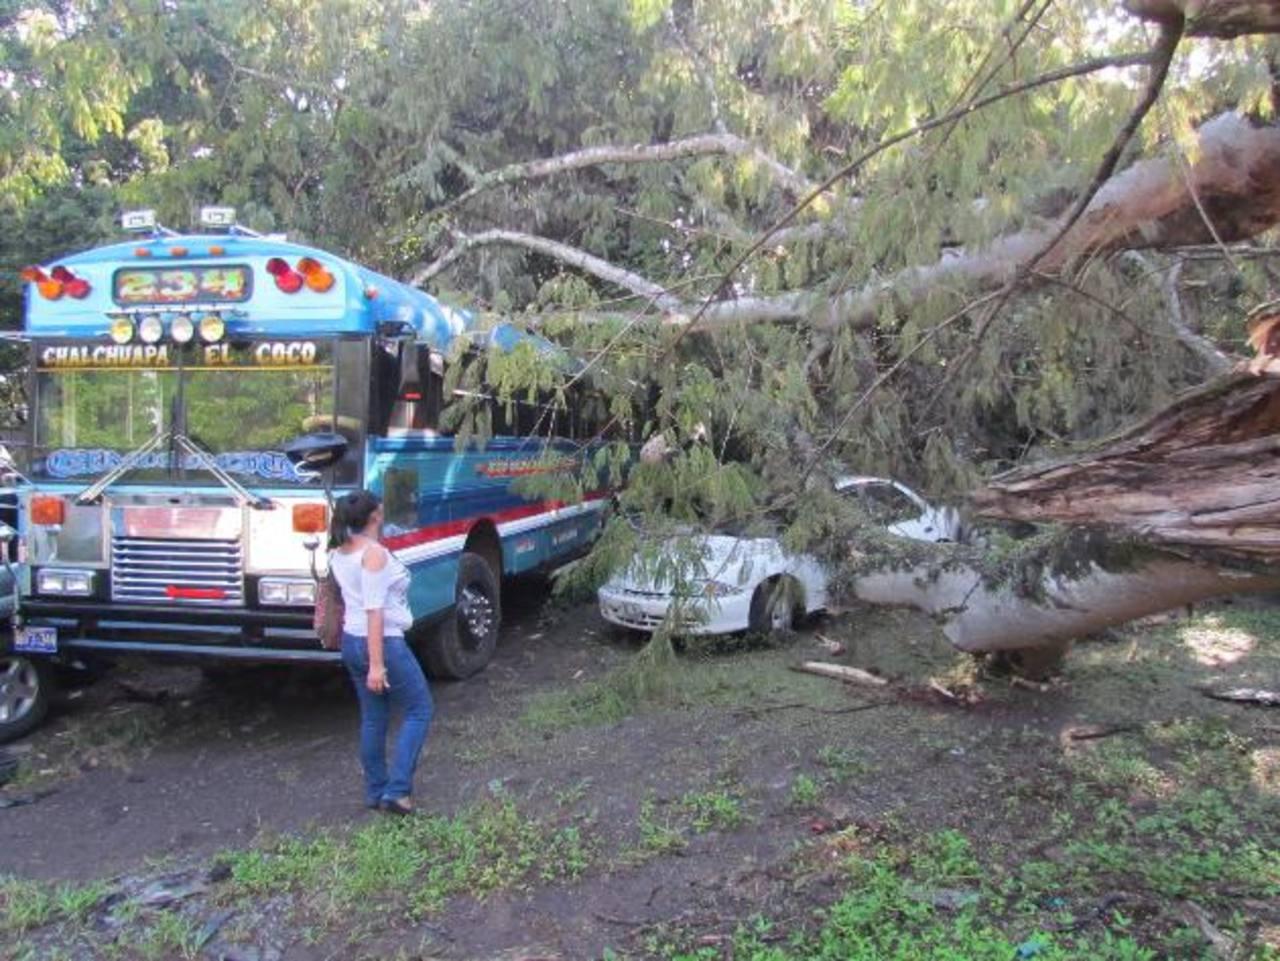 La Policía aseguró que aunque no han cuantificado los daños, algunos vehículos no fueron tan afectados porque solo les cayeron ramas encima.Esperan terminar los trabajos en cuatro días.Uno de los problemas que han enfrentado los empleados de la alcal